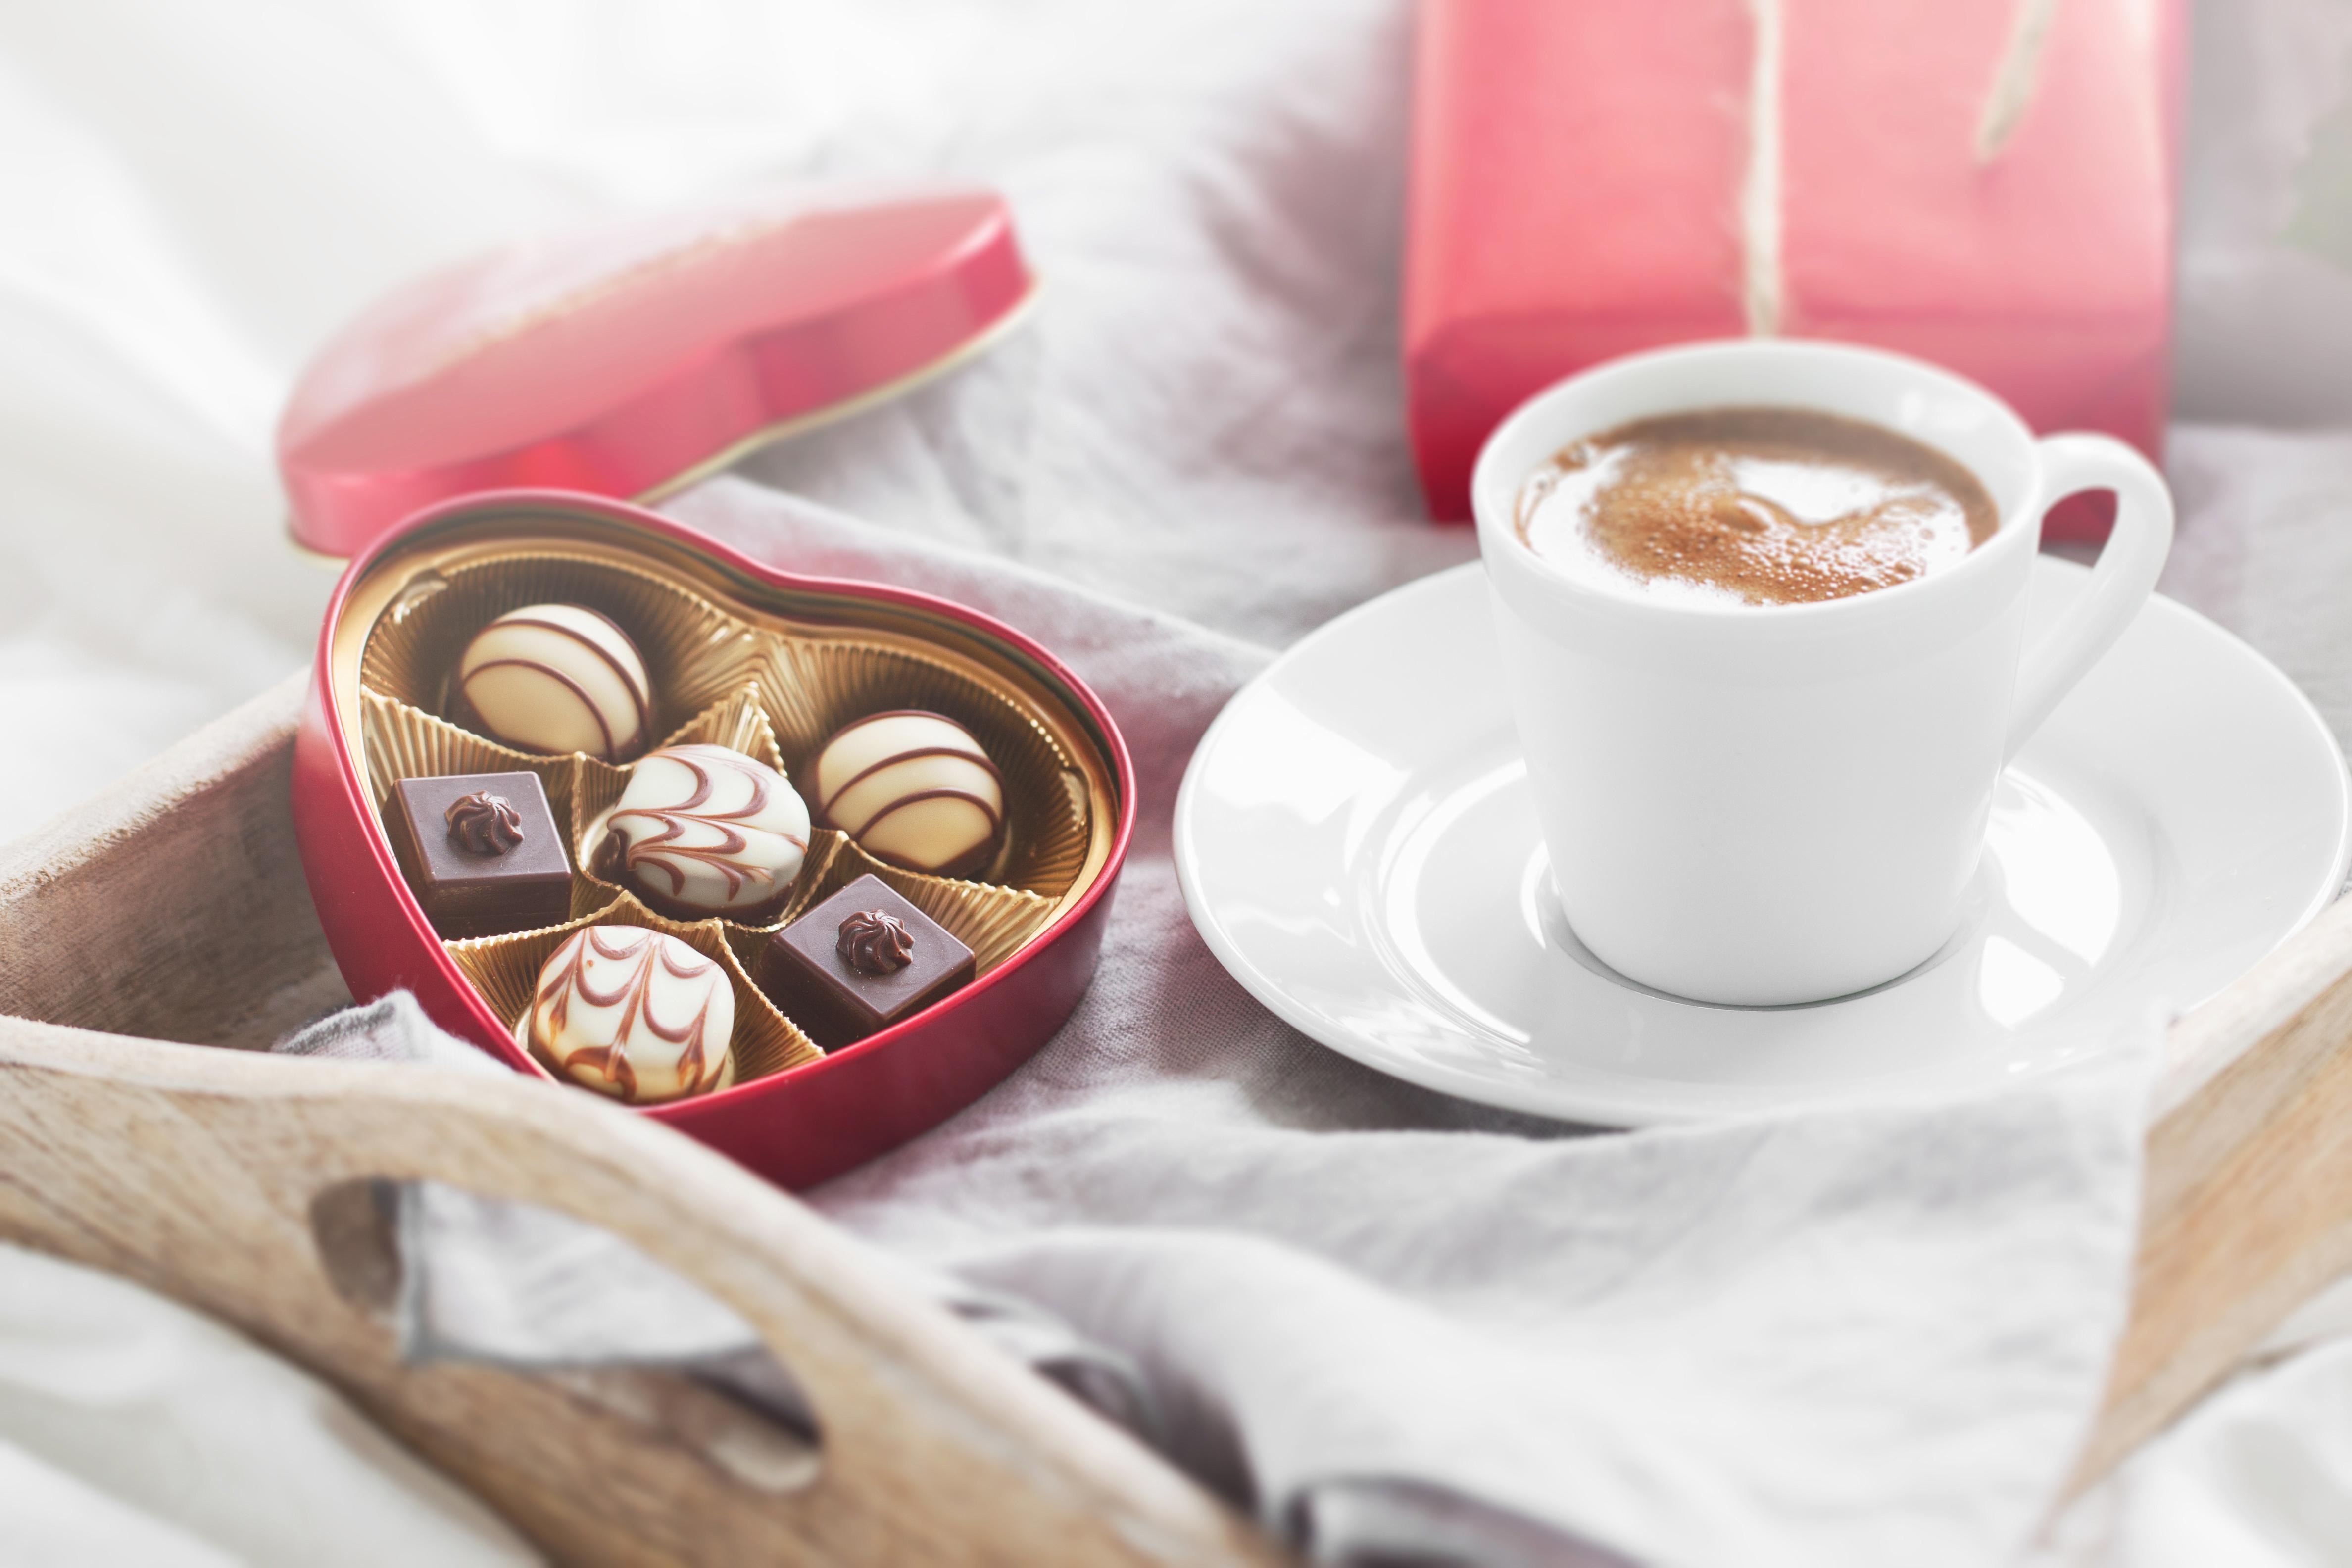 организациях ип, кофе на завтрак для любимого картинки сообщает